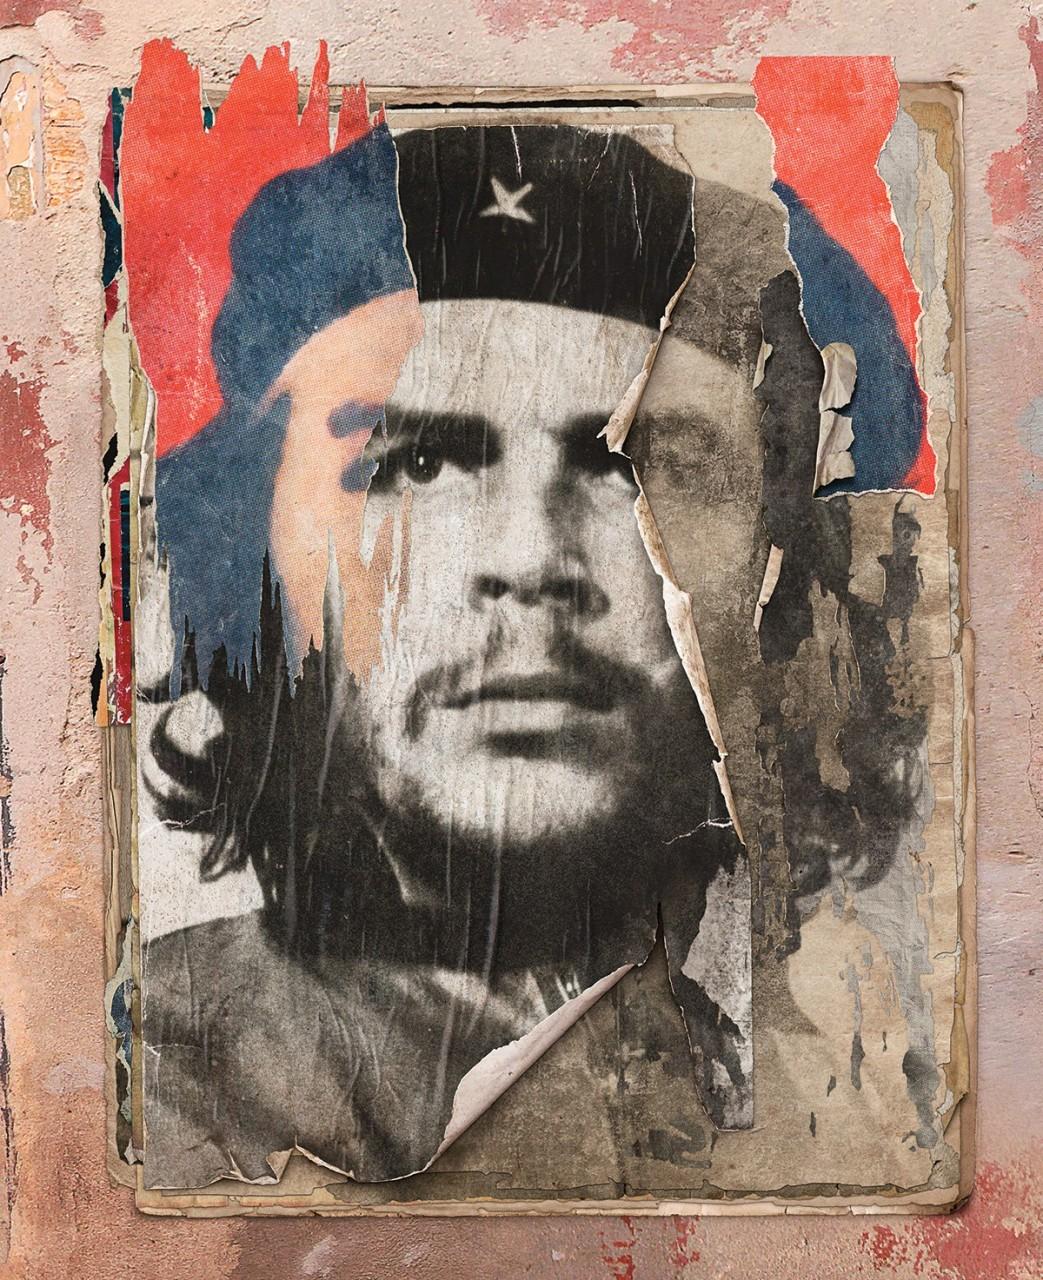 50 лет назад умер Че Гевара